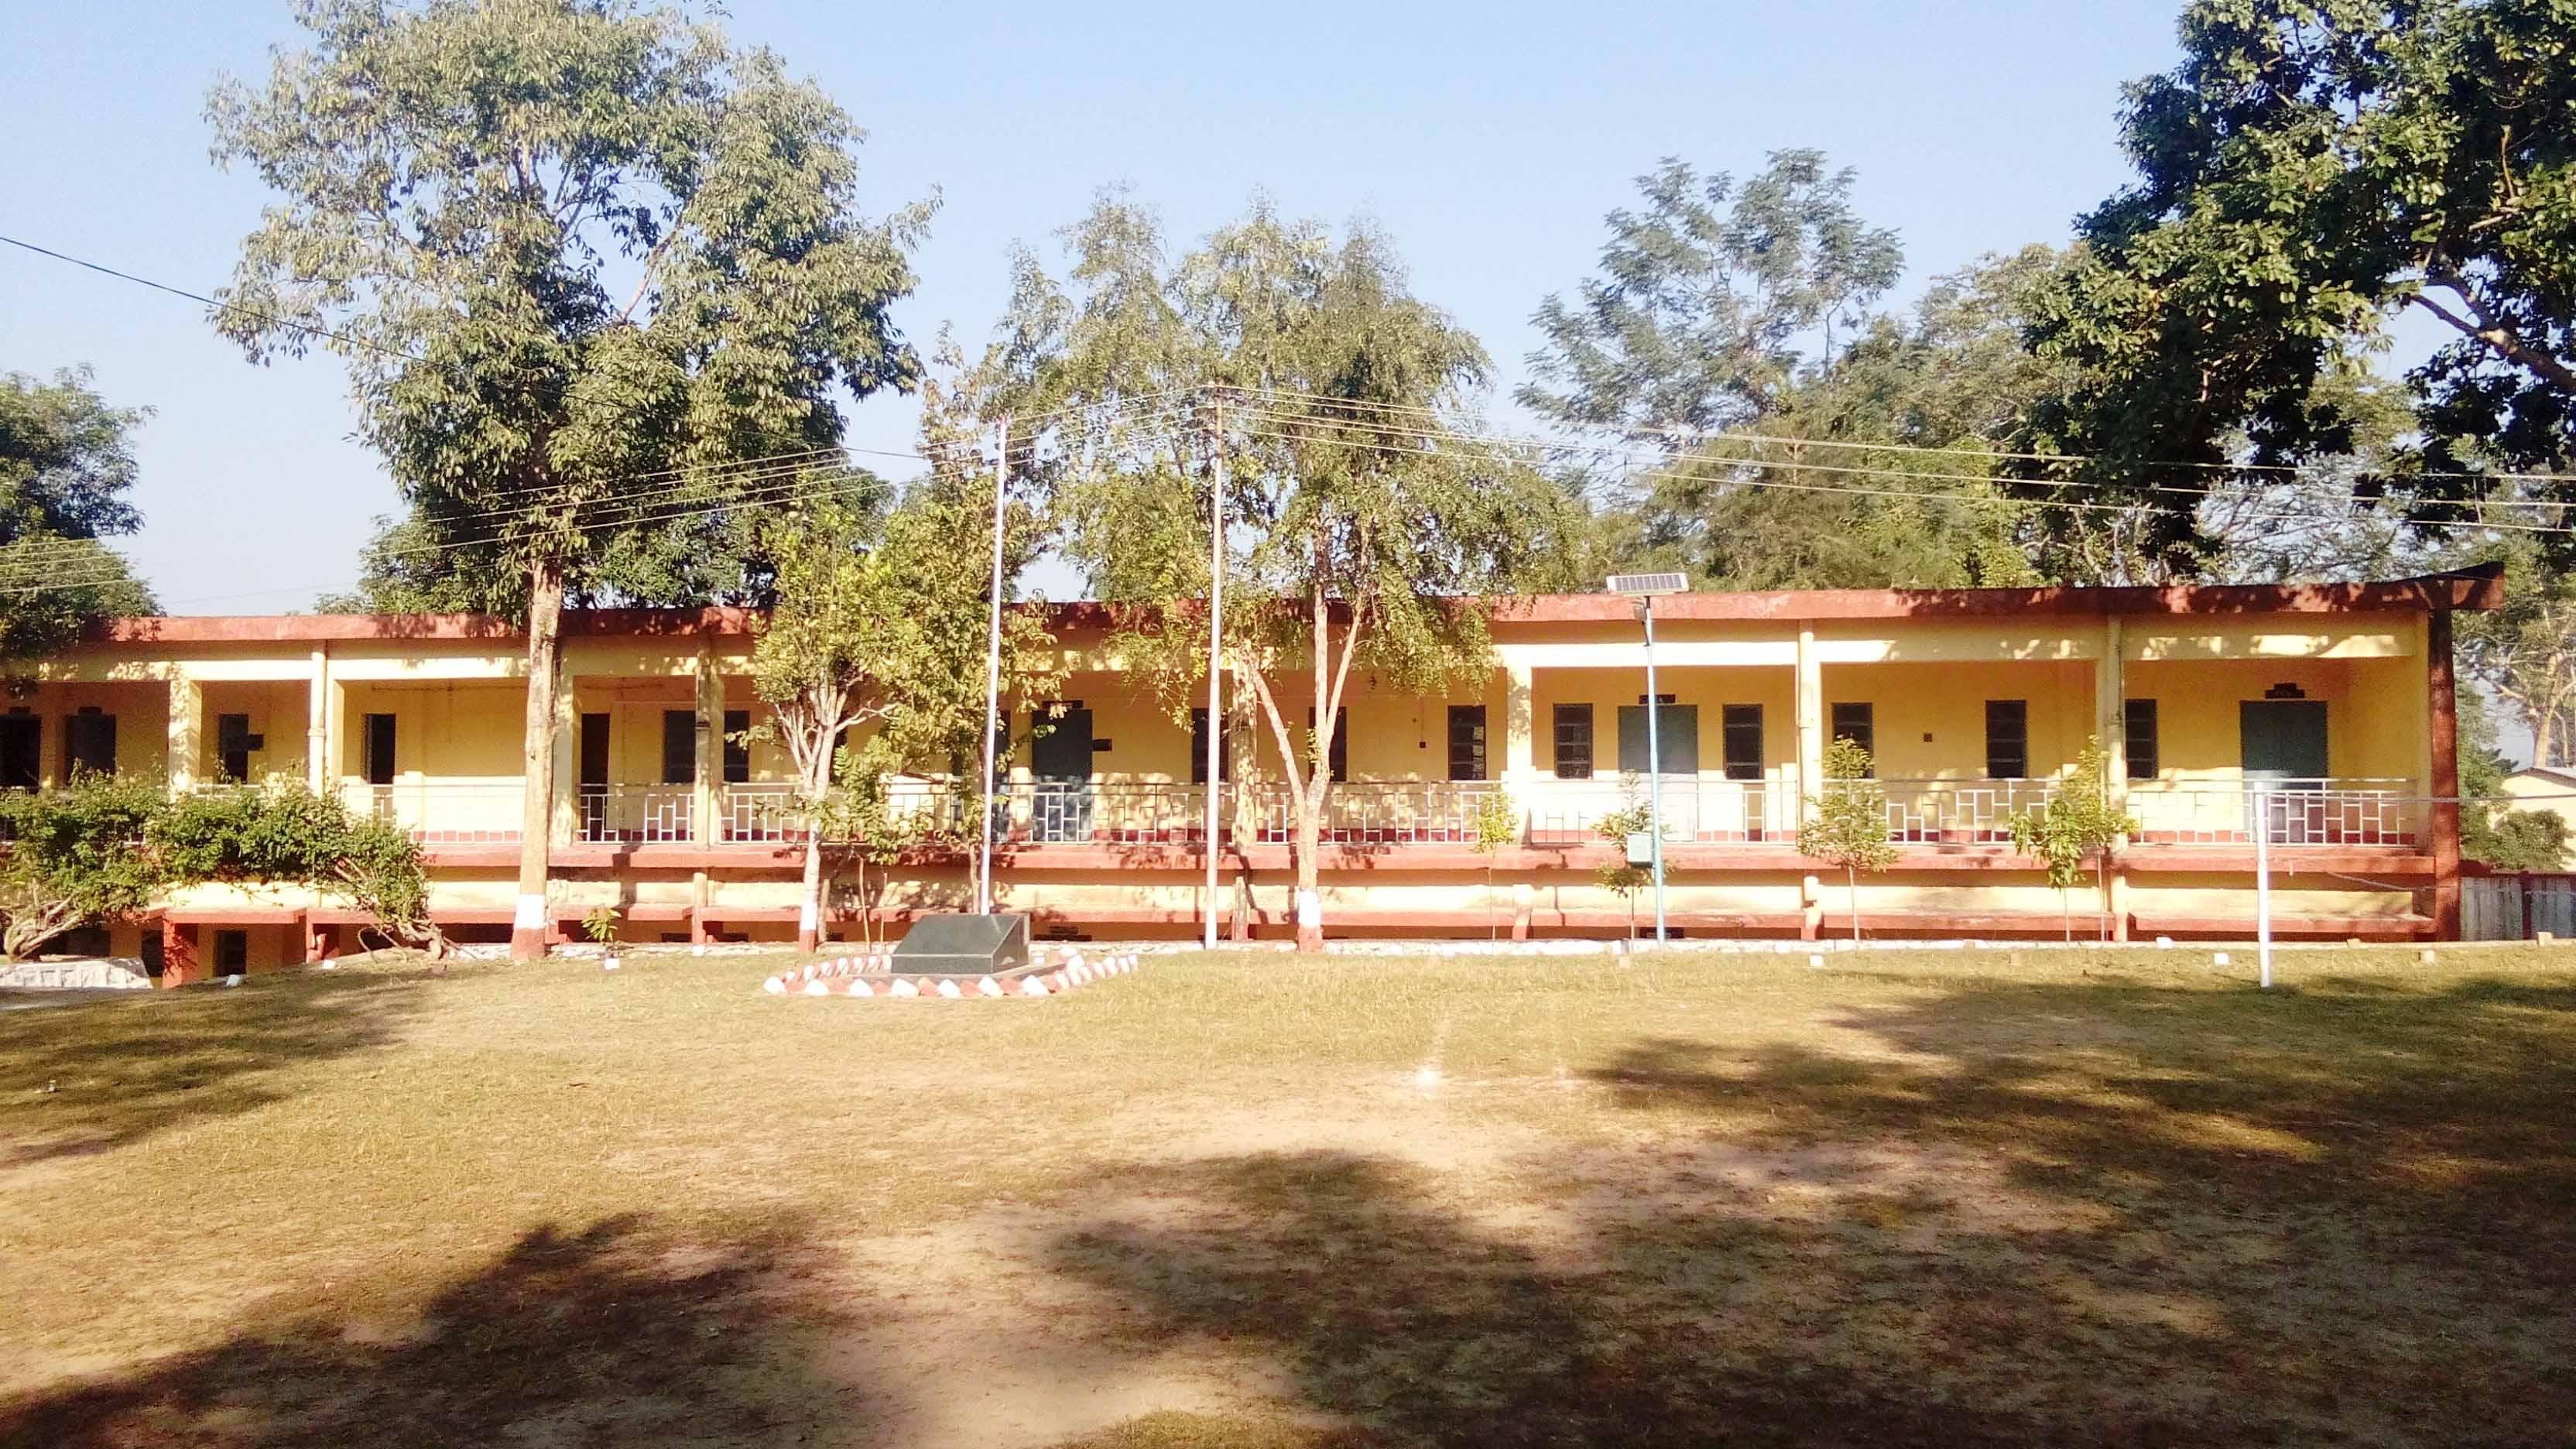 ASSAM RIFLES SCHOOL DIPHU PO KARBI ANGLONG DISTT ASSAM 230025